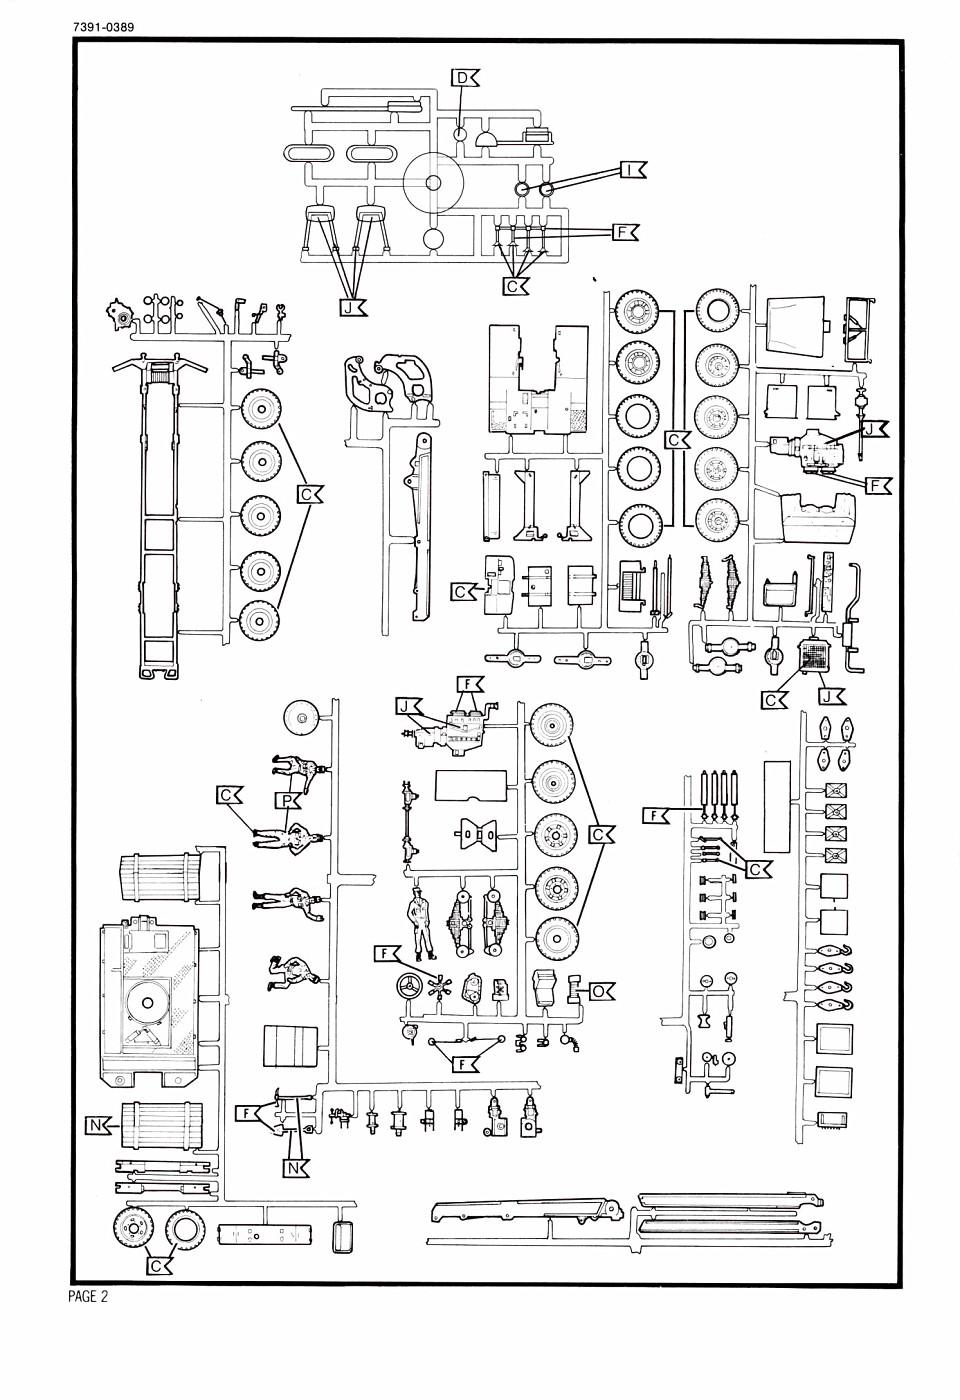 Kenworth W900a Wiring Diagram | Wiring Schematic Diagram ... on kenworth fuse diagram, kenworth radio wiring diagram, kenworth suspension diagram,